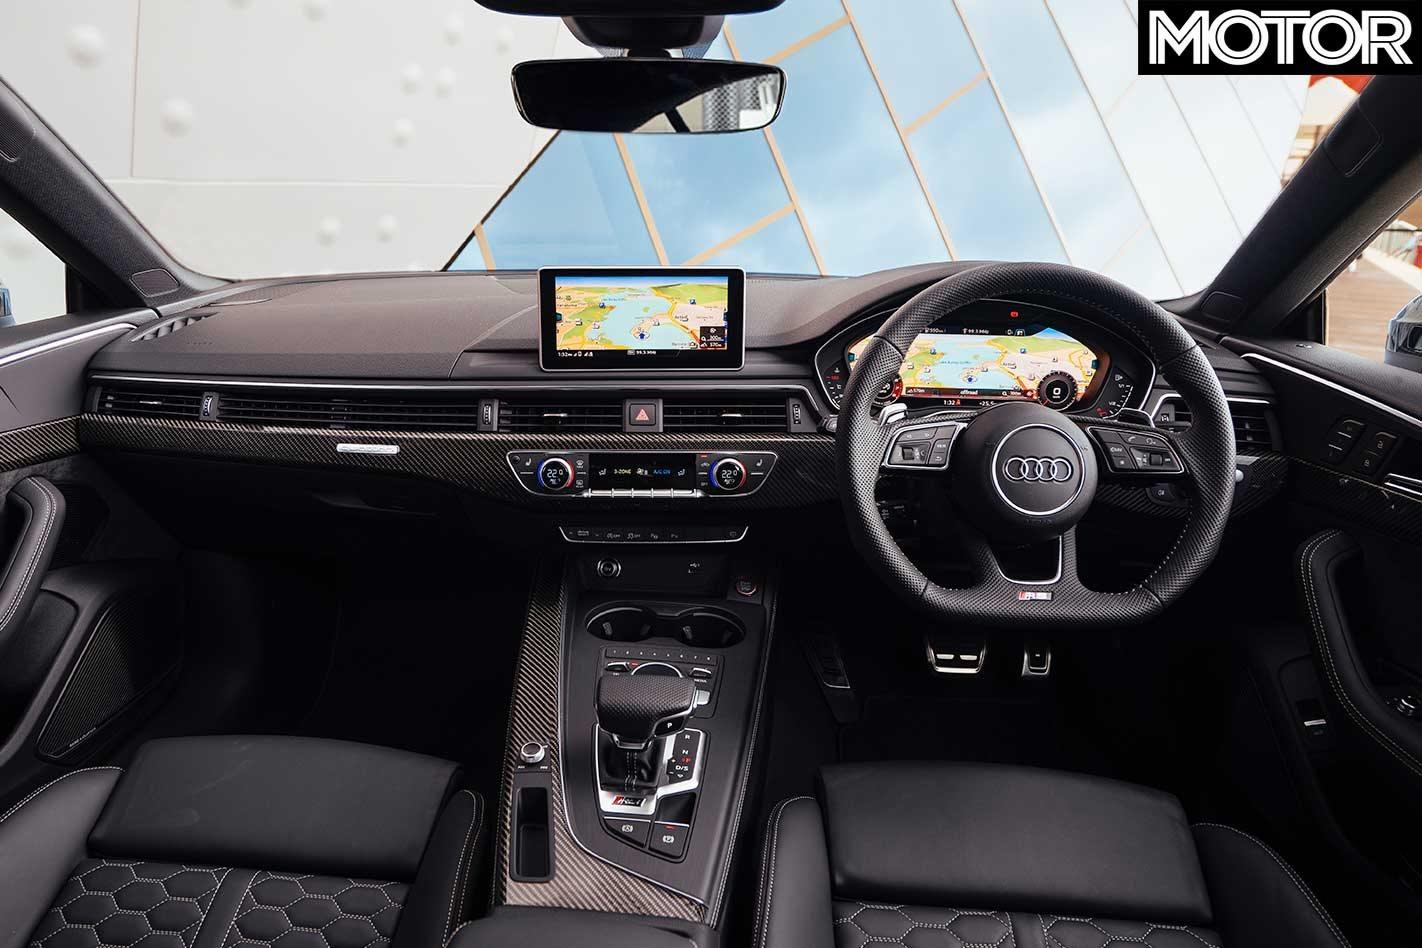 2019 Audi Rs5 Sportback Review Motor